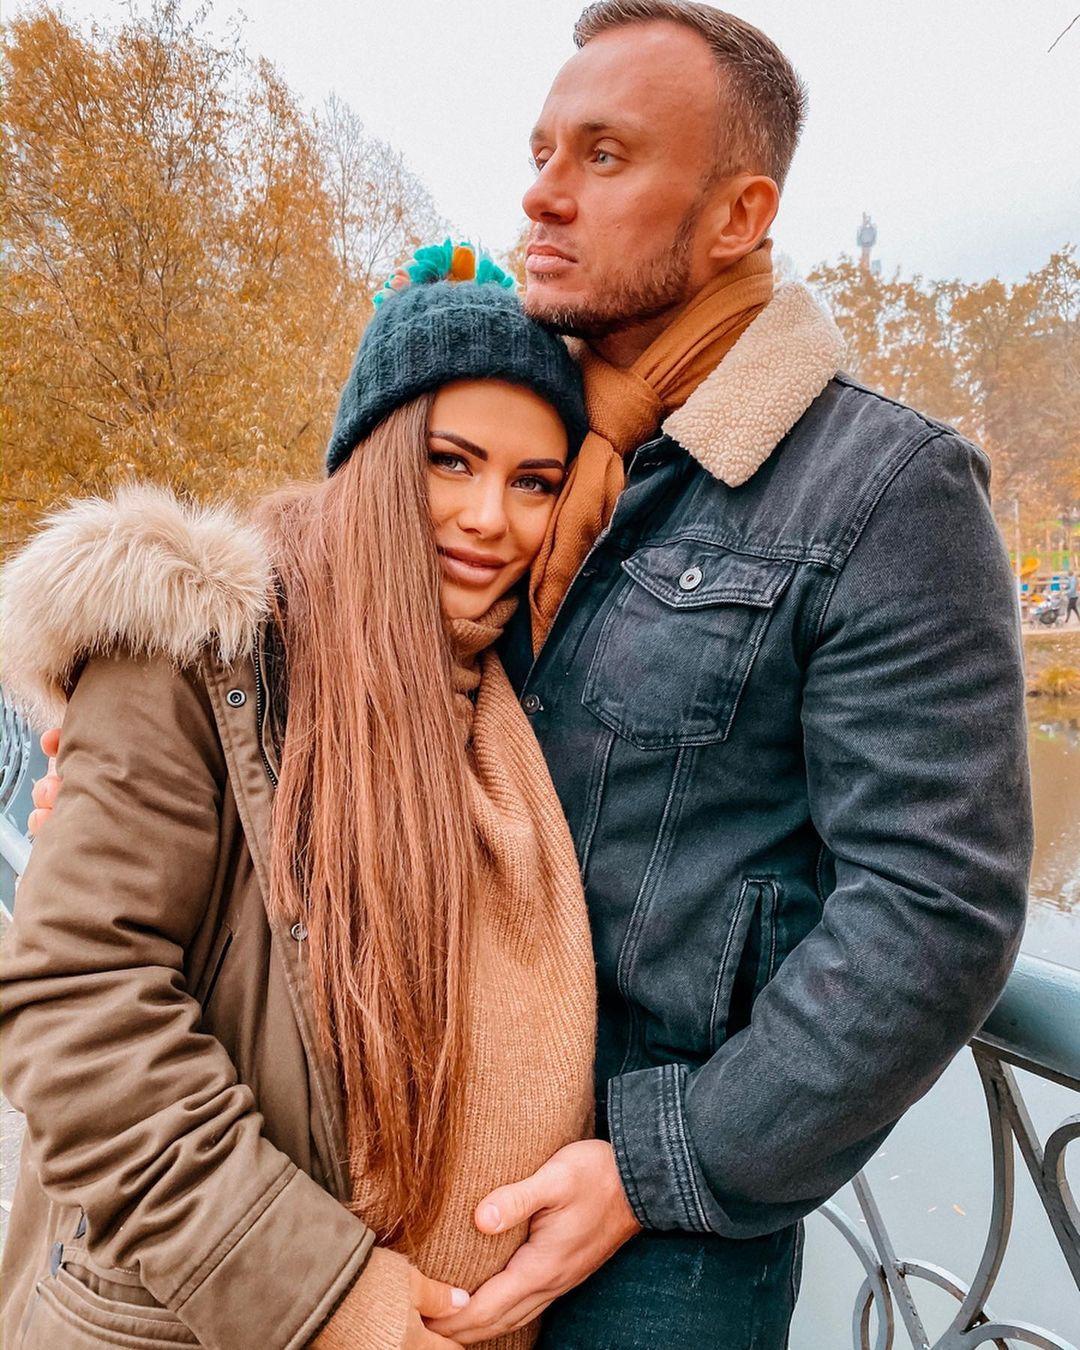 София Стужук и Дмитрий Стужук позируют в зимней одежде